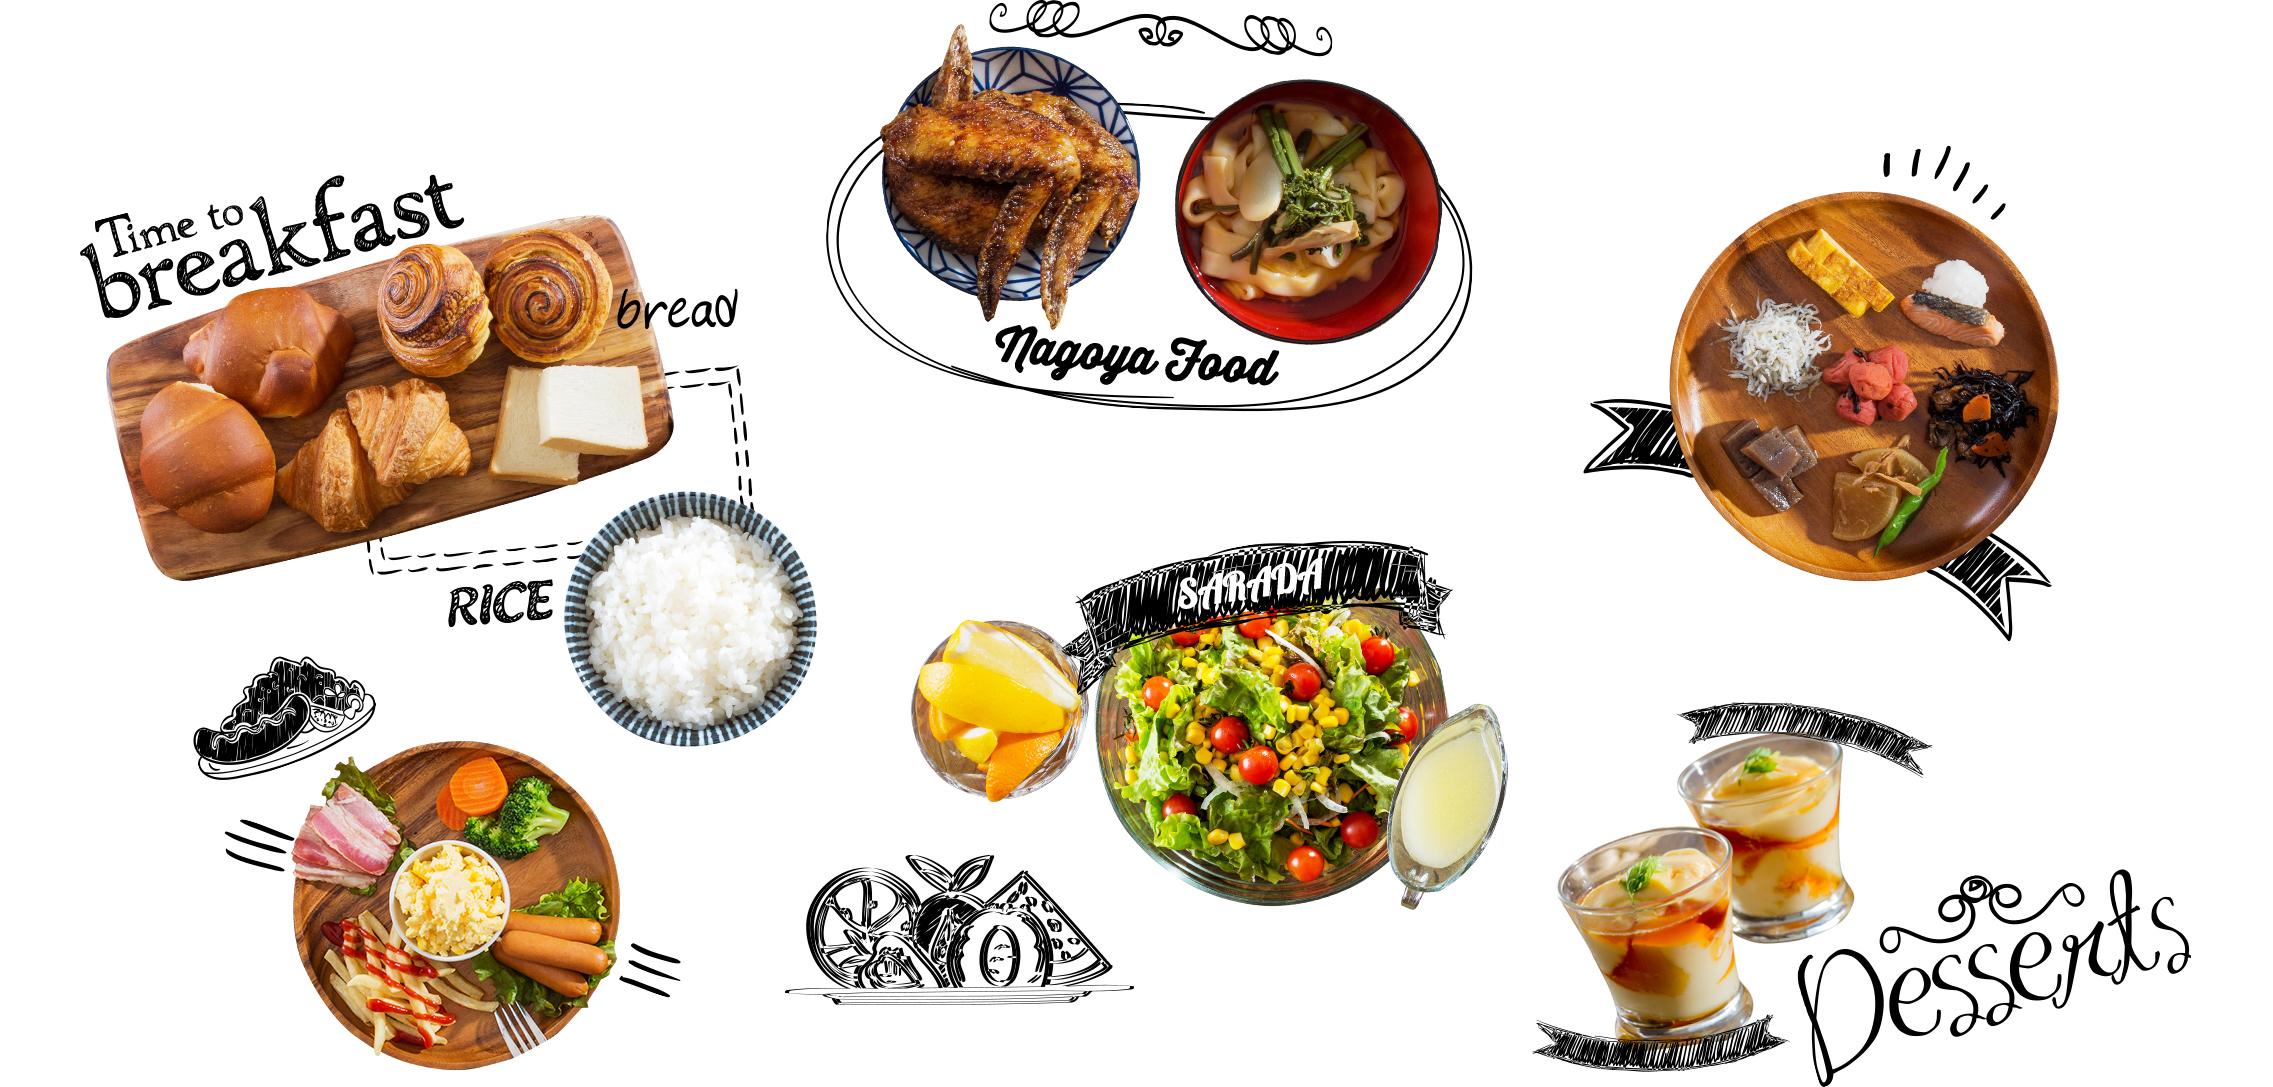 ホテルマイステイズ名古屋栄の朝食 イメージ画像